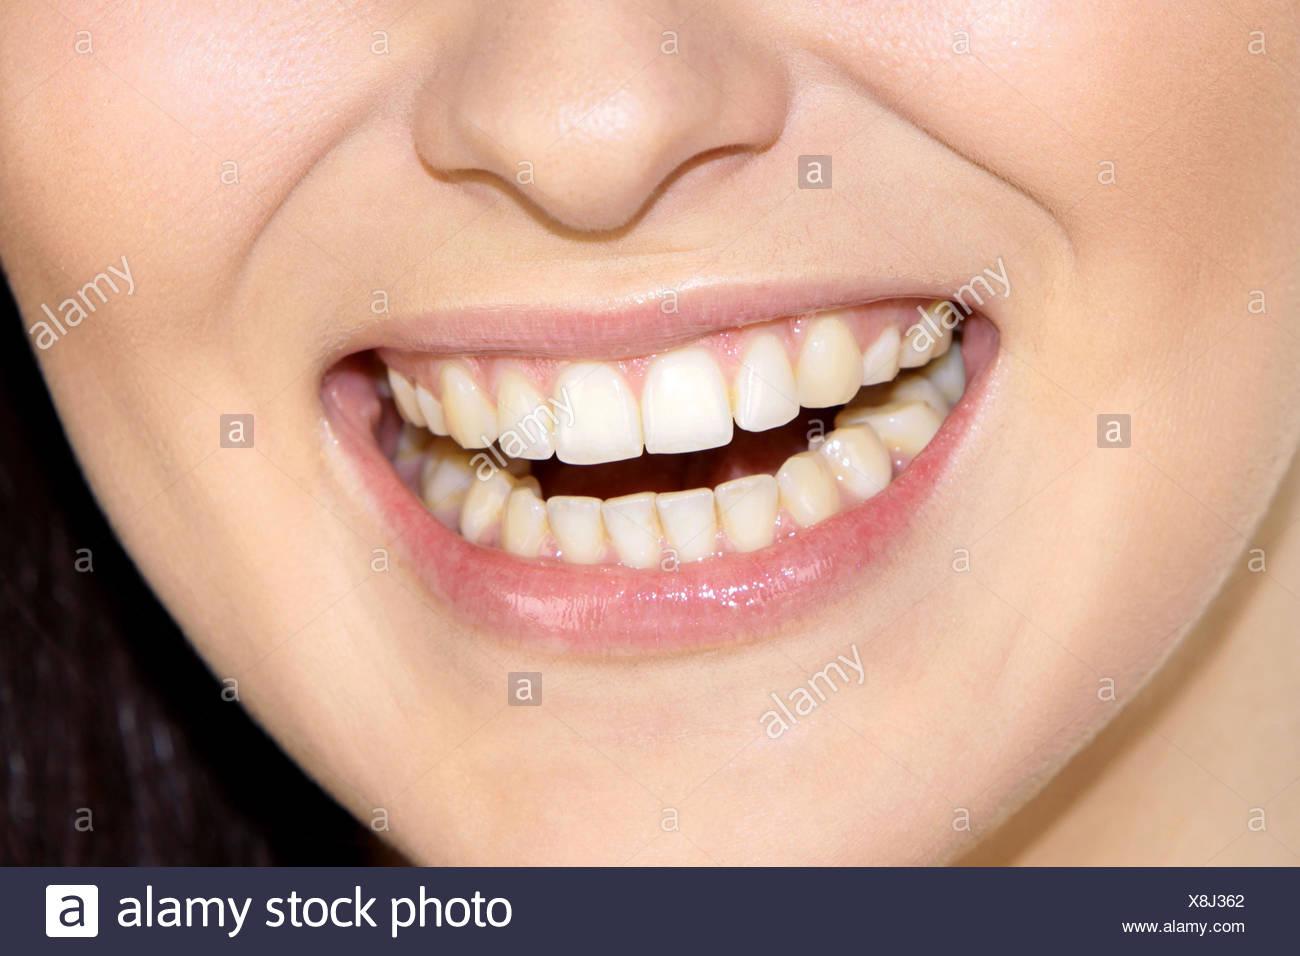 Frau, Jung, Laecheln, Detail, Munder, Nahaufnahme, Innen, Zahn, Zaehne, Lippen, angetreten, Schoenheit, Schönheit, Natuerlich, Natuerlic Stockbild